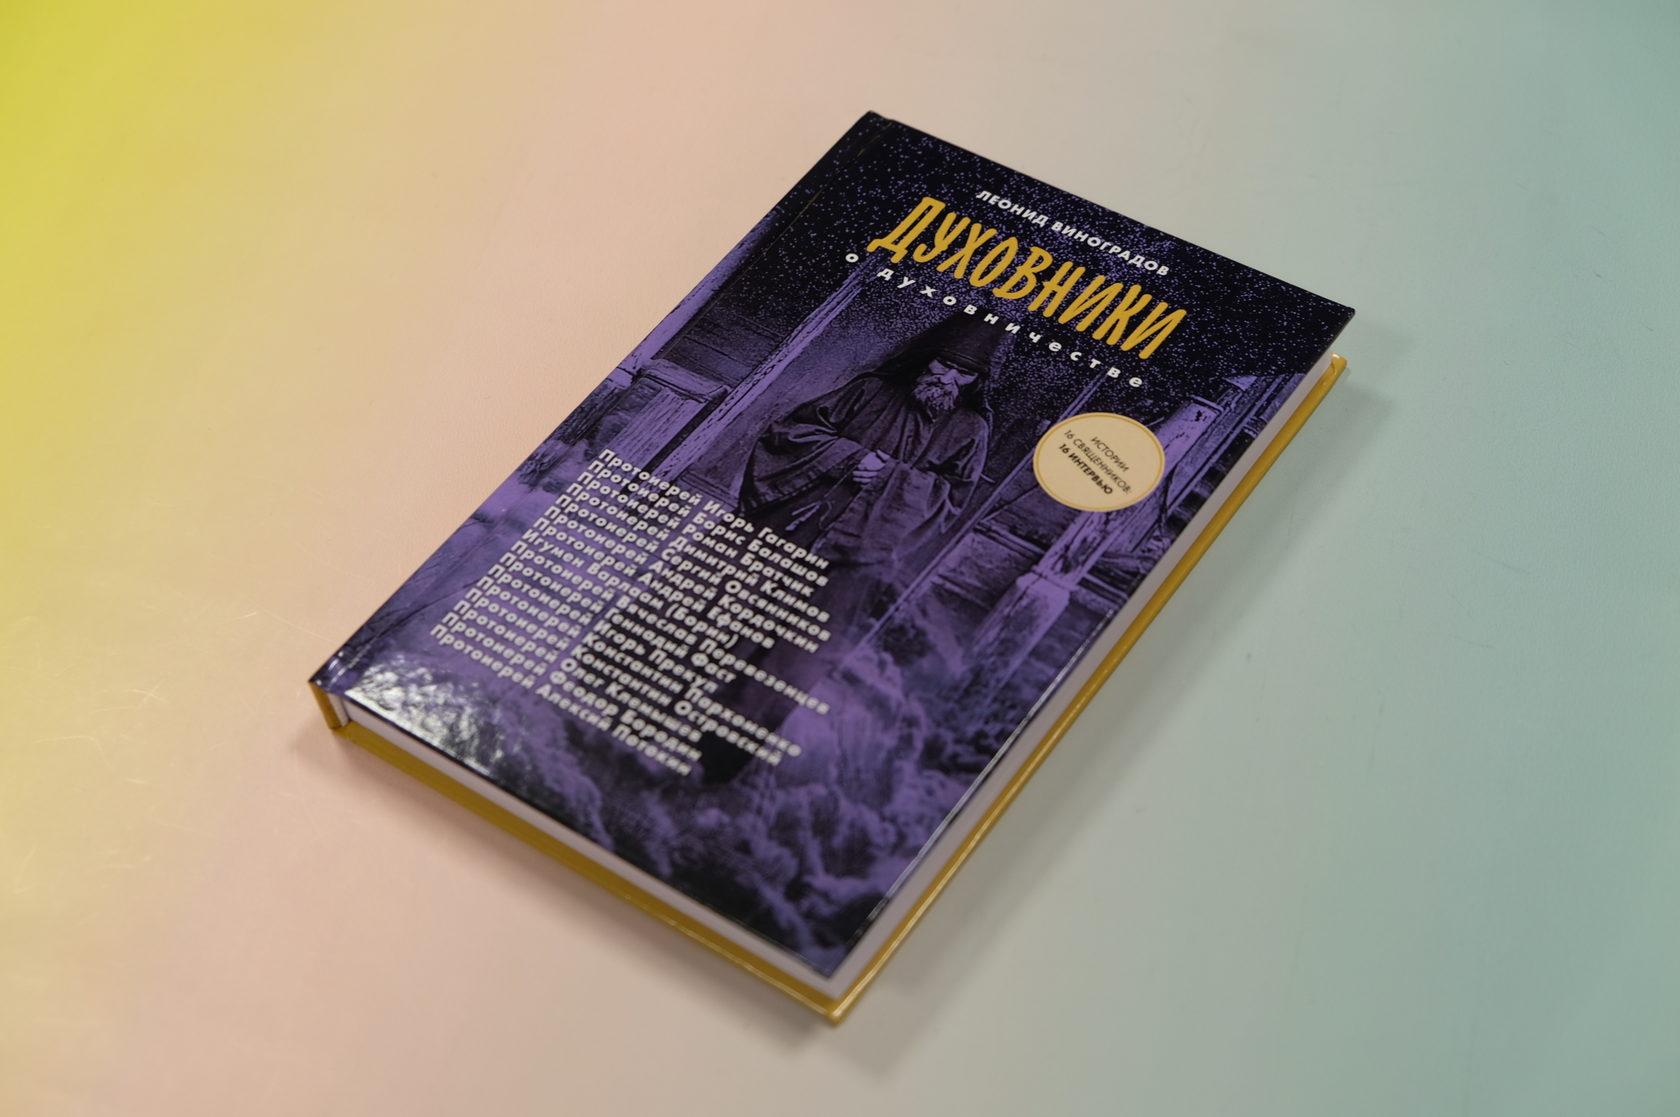 Леонид Виноградов «Духовники о духовничестве»